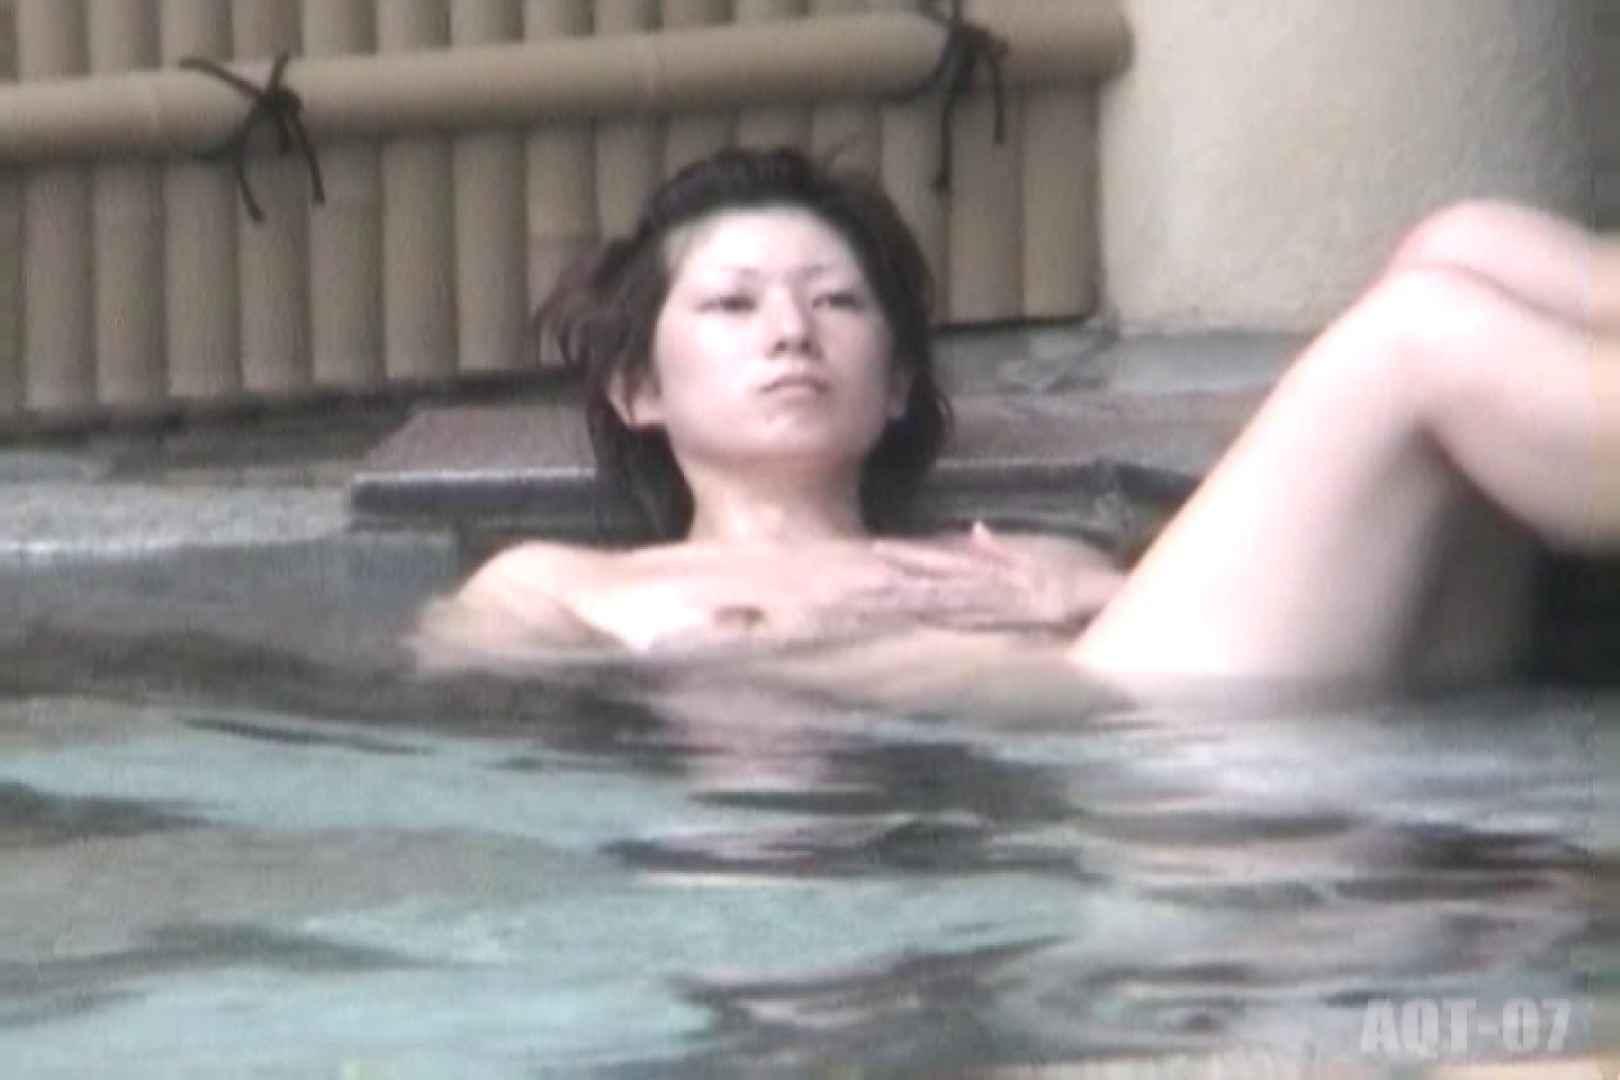 Aquaな露天風呂Vol.766 OLエロ画像  105PICs 12